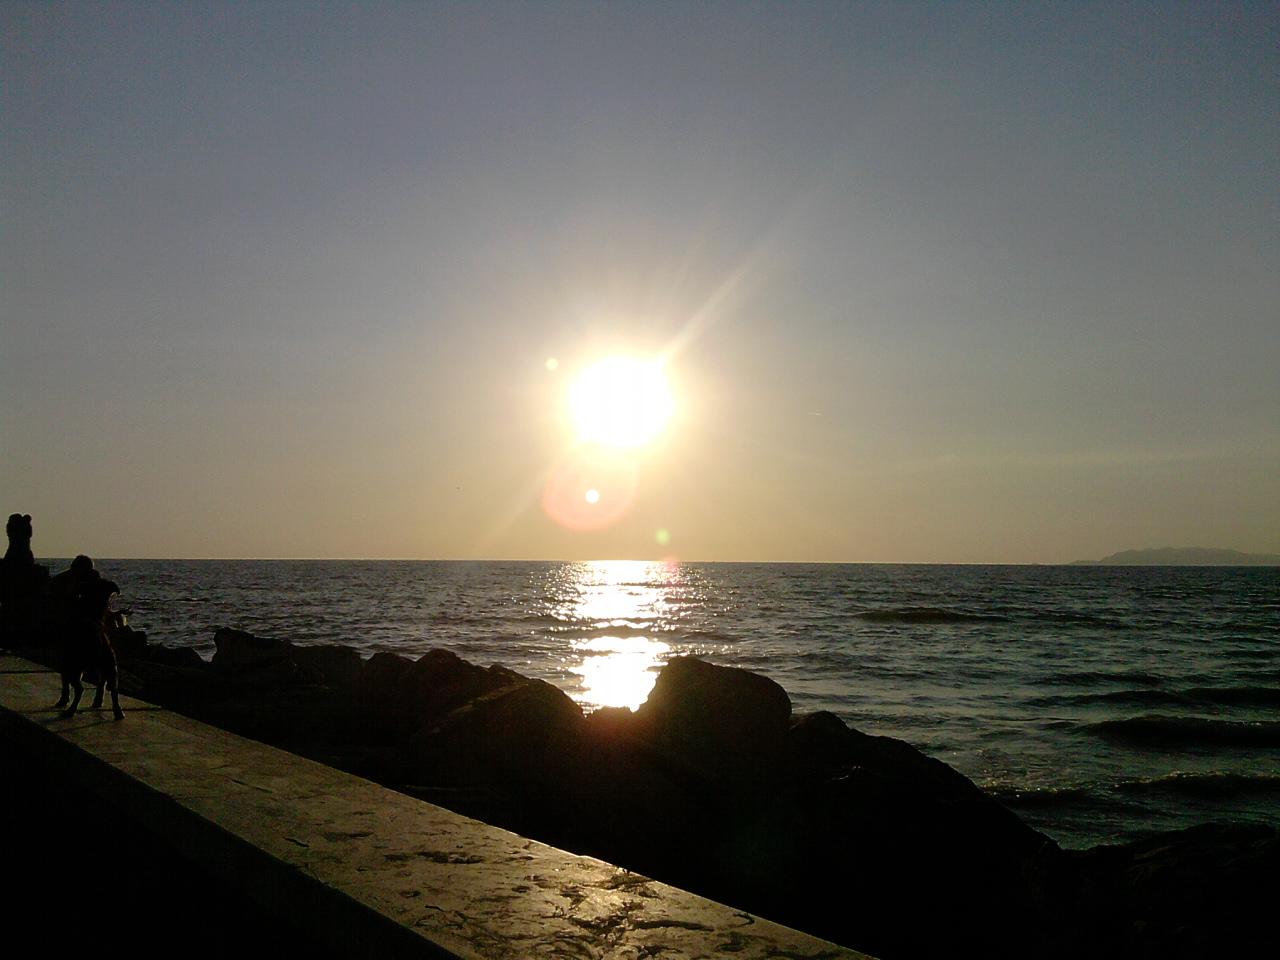 Le notti d'estate 2013. Trascorretene una parte con noi!-p150813_19-41-jpg